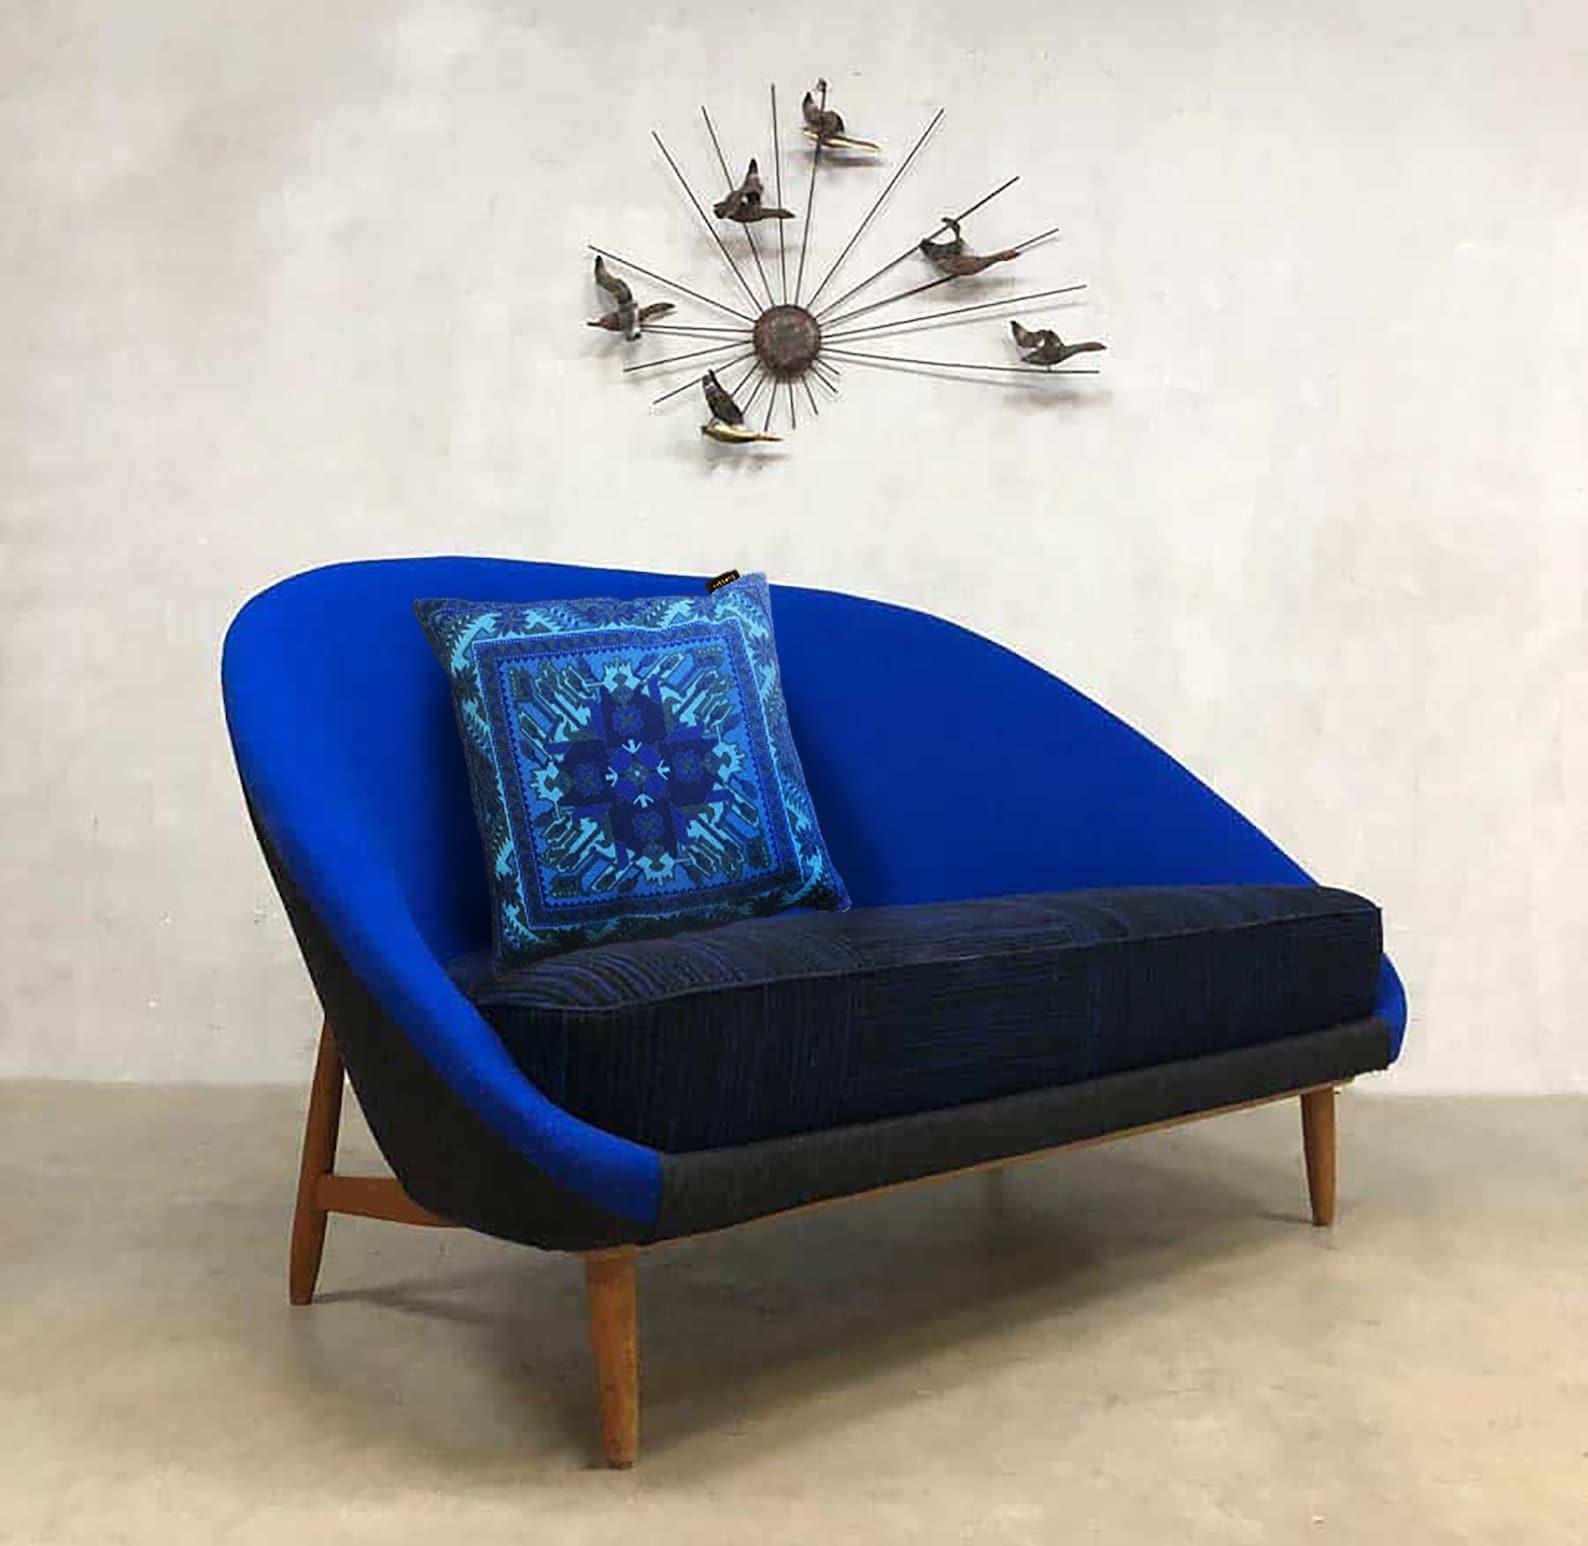 Sofa pillow blue velvet cushion cover ROYAL BLUE | Etsy